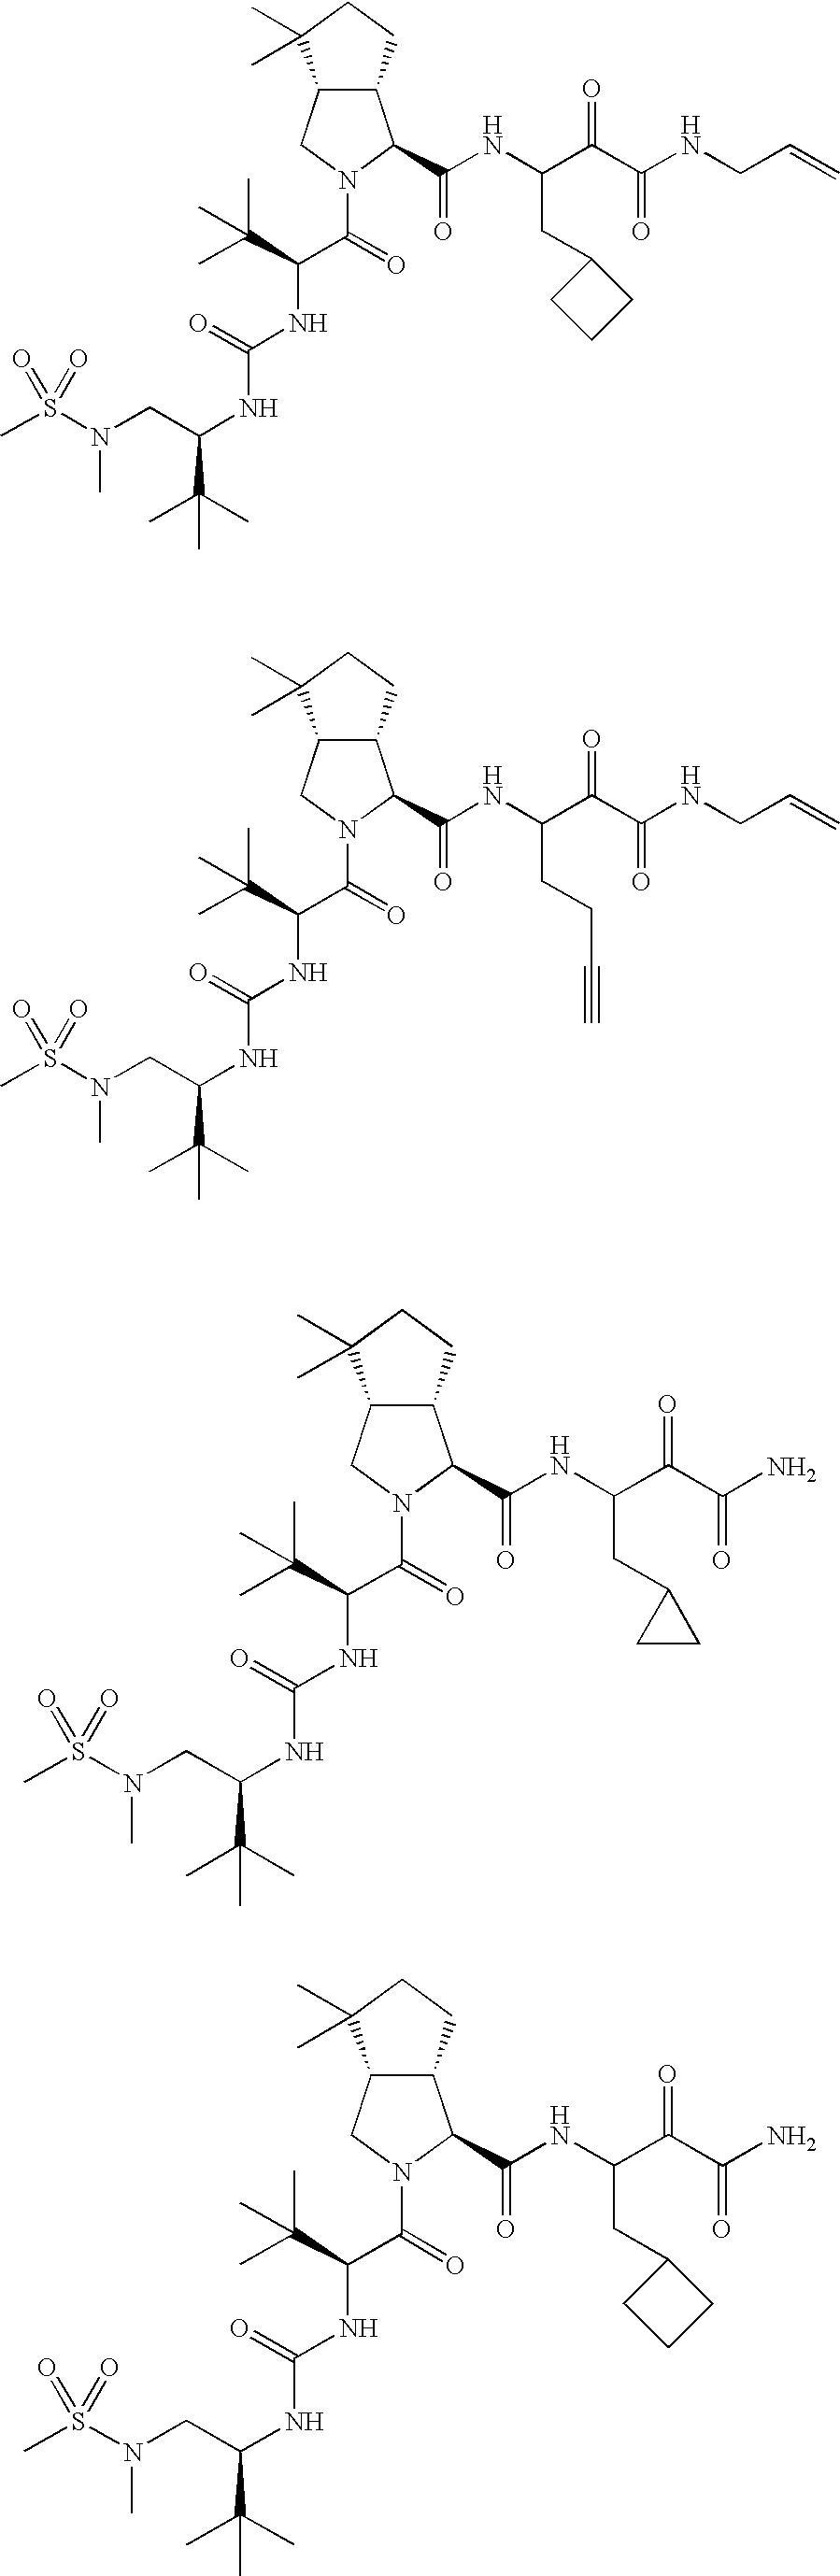 Figure US20060287248A1-20061221-C00514